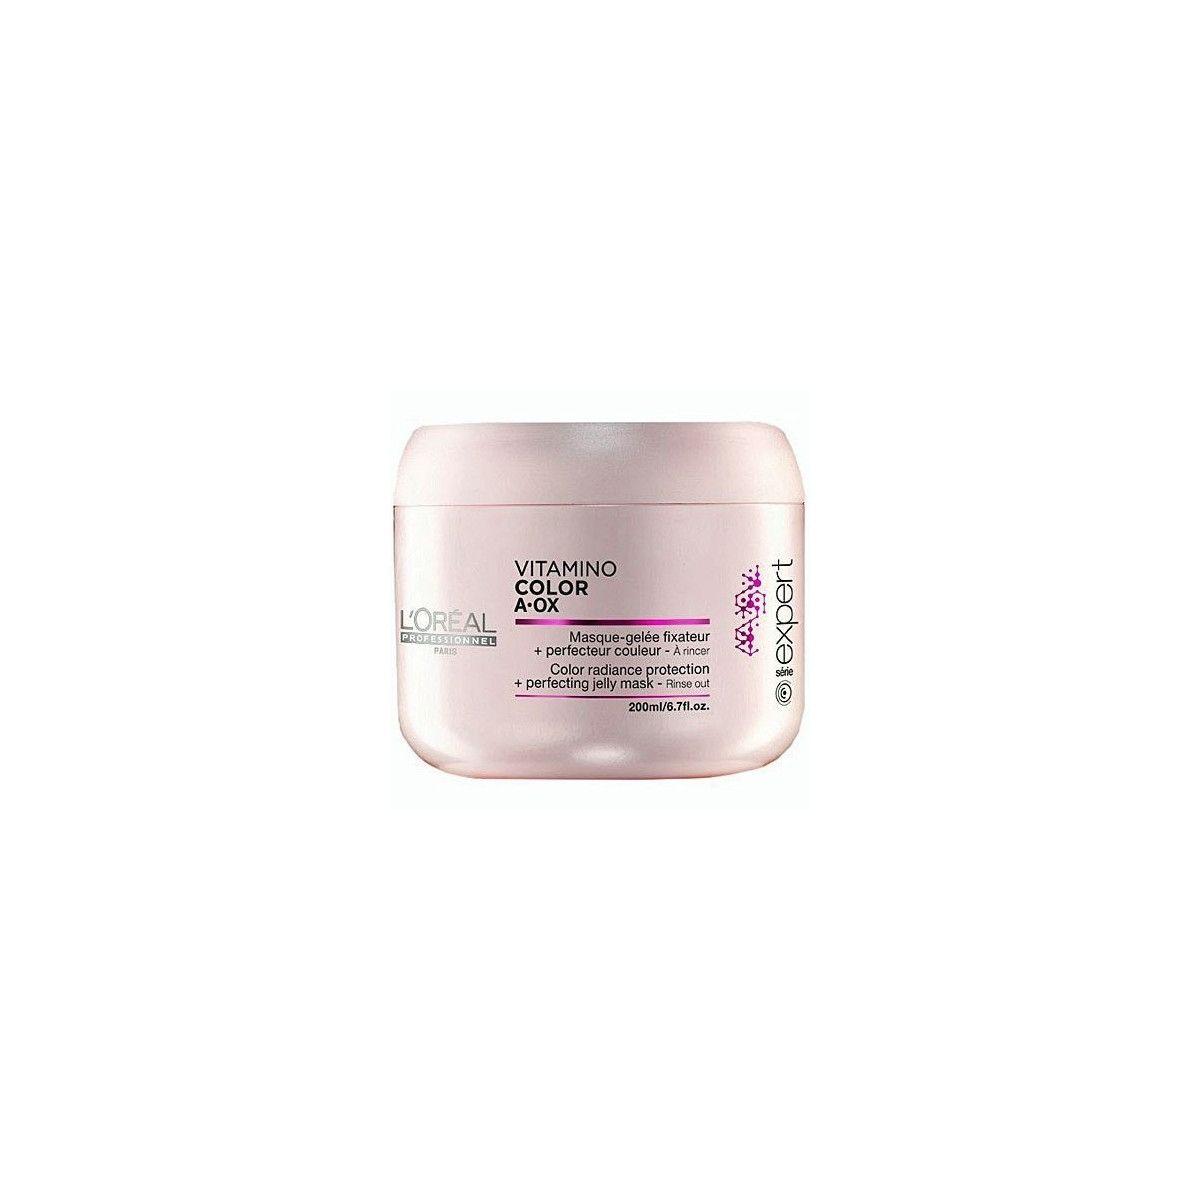 Loreal Vitamino Color A-OX maska 200ml